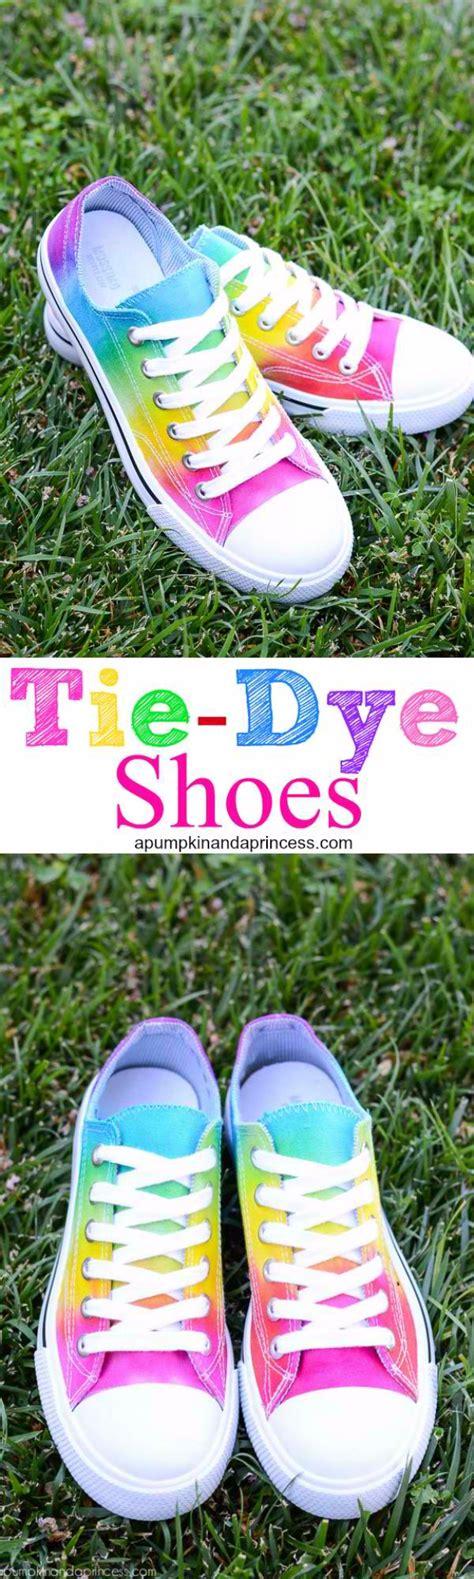 tie dye shoes diy 36 fabulous shoe makeovers anyone can do